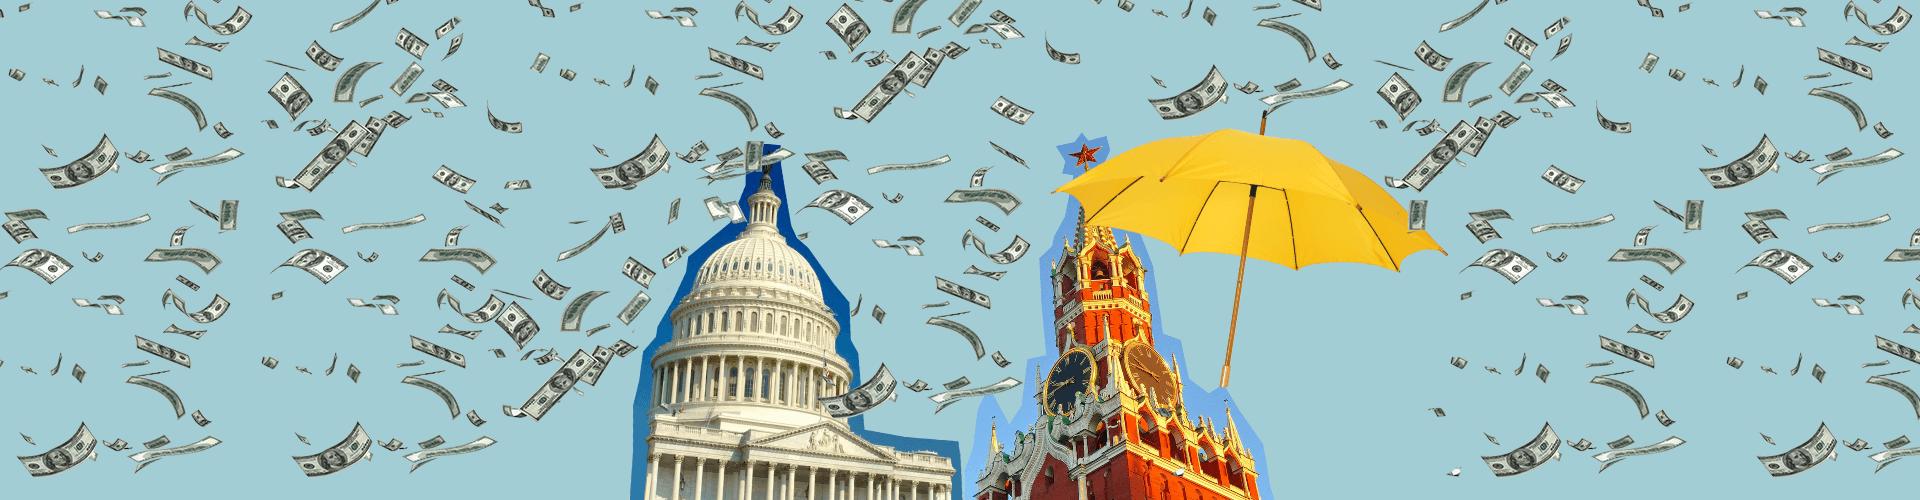 Кремль, Капитолий, деньги, падают, зонт